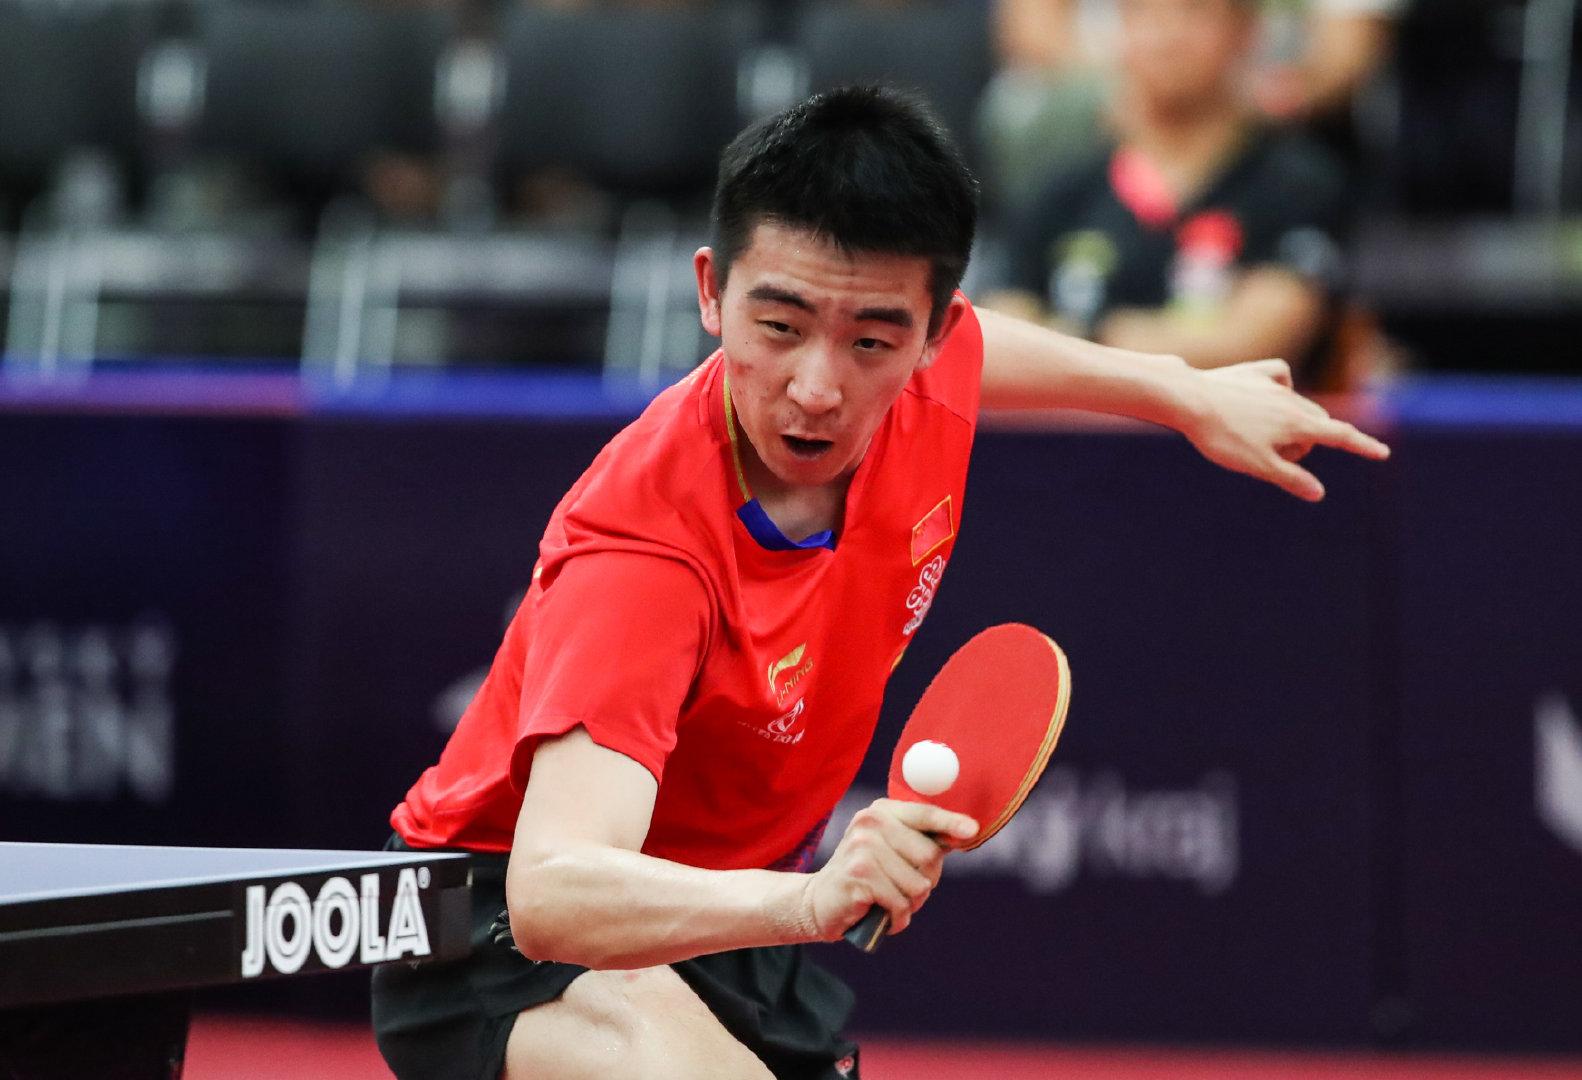 在捷克奥洛穆茨举行的2019国际乒联世界巡回赛捷克公开赛男单八分之一